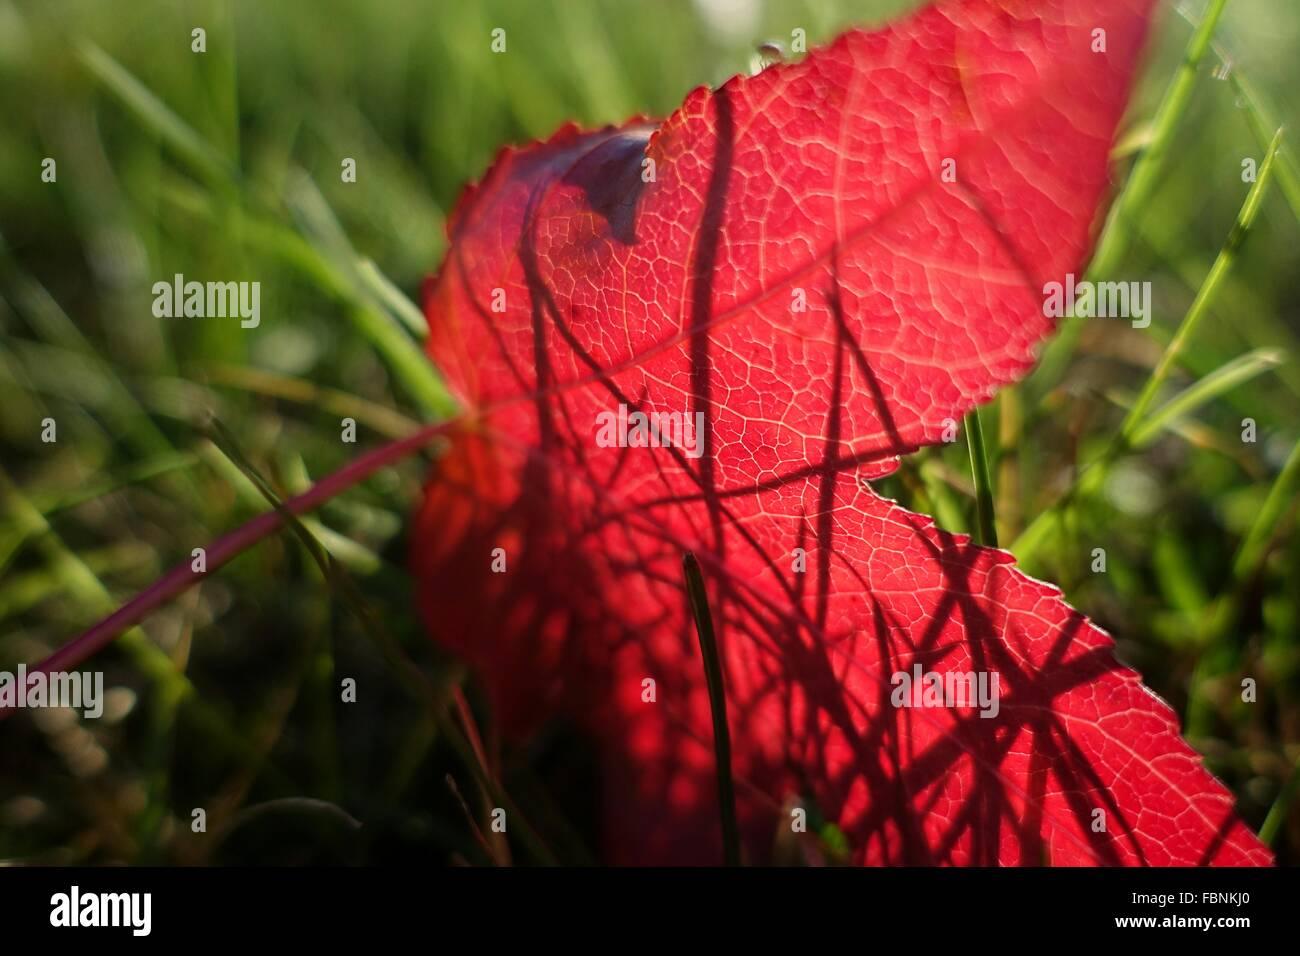 Plan de la feuille rouge à Meadow Photo Stock